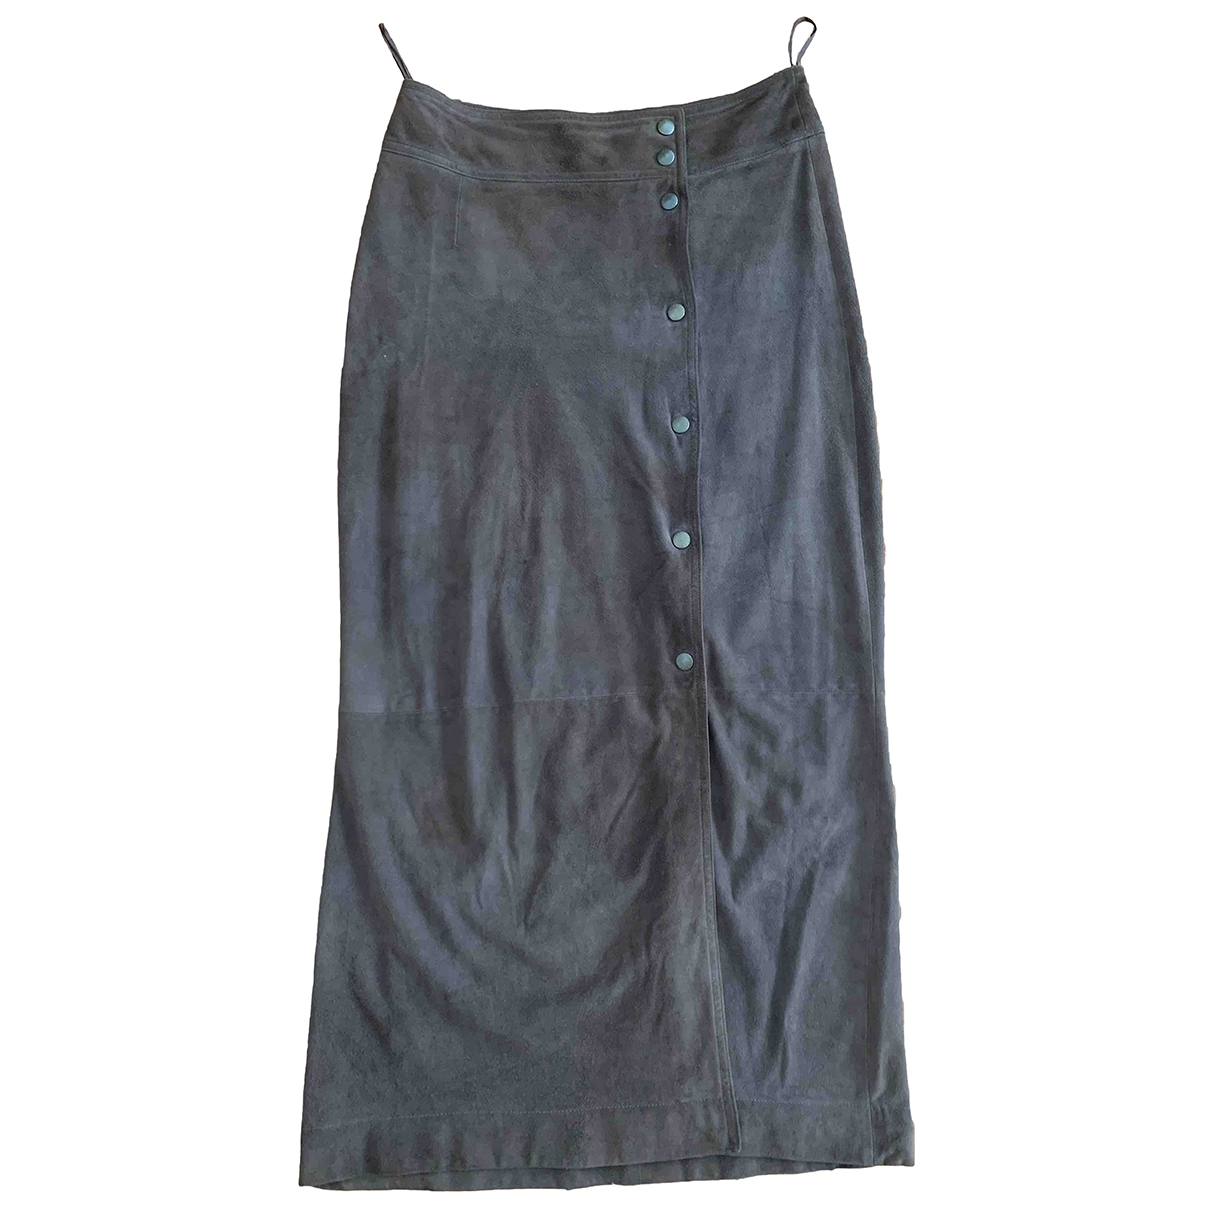 Celine \N Brown Leather skirt for Women 38 FR